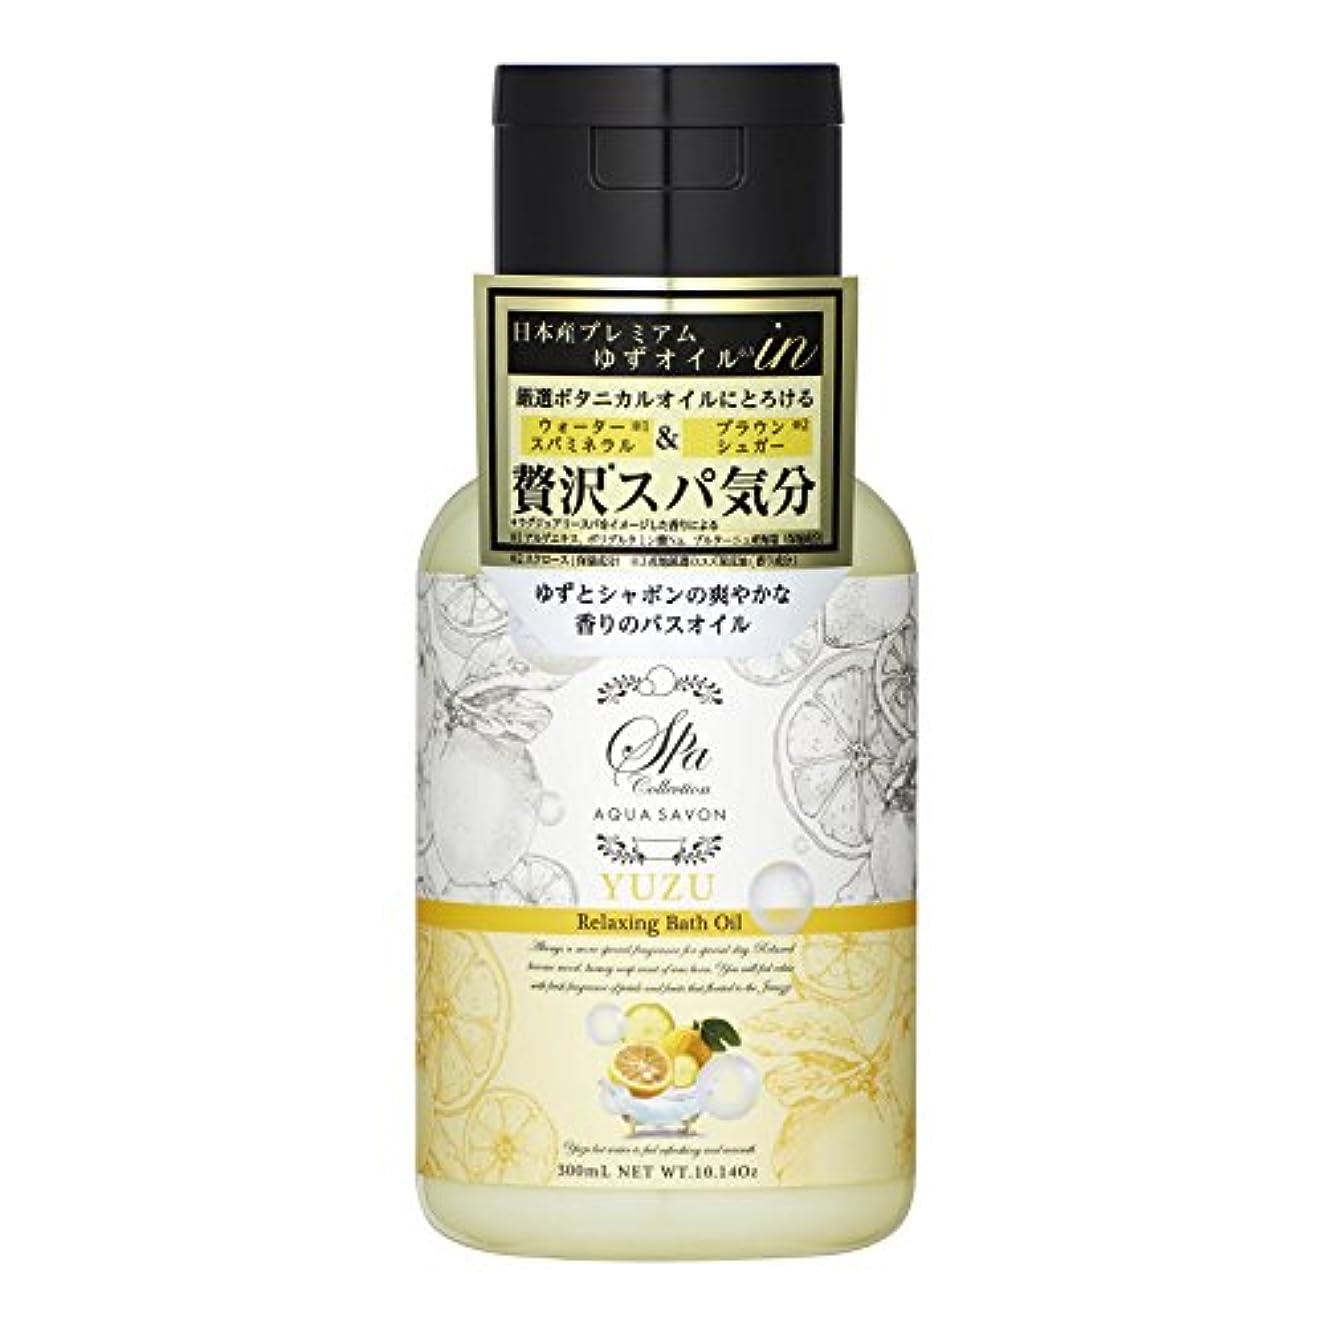 テレビ局マニアックカップルアクアシャボン スパコレクション リラクシングバスオイル ゆずスパの香り 300mL